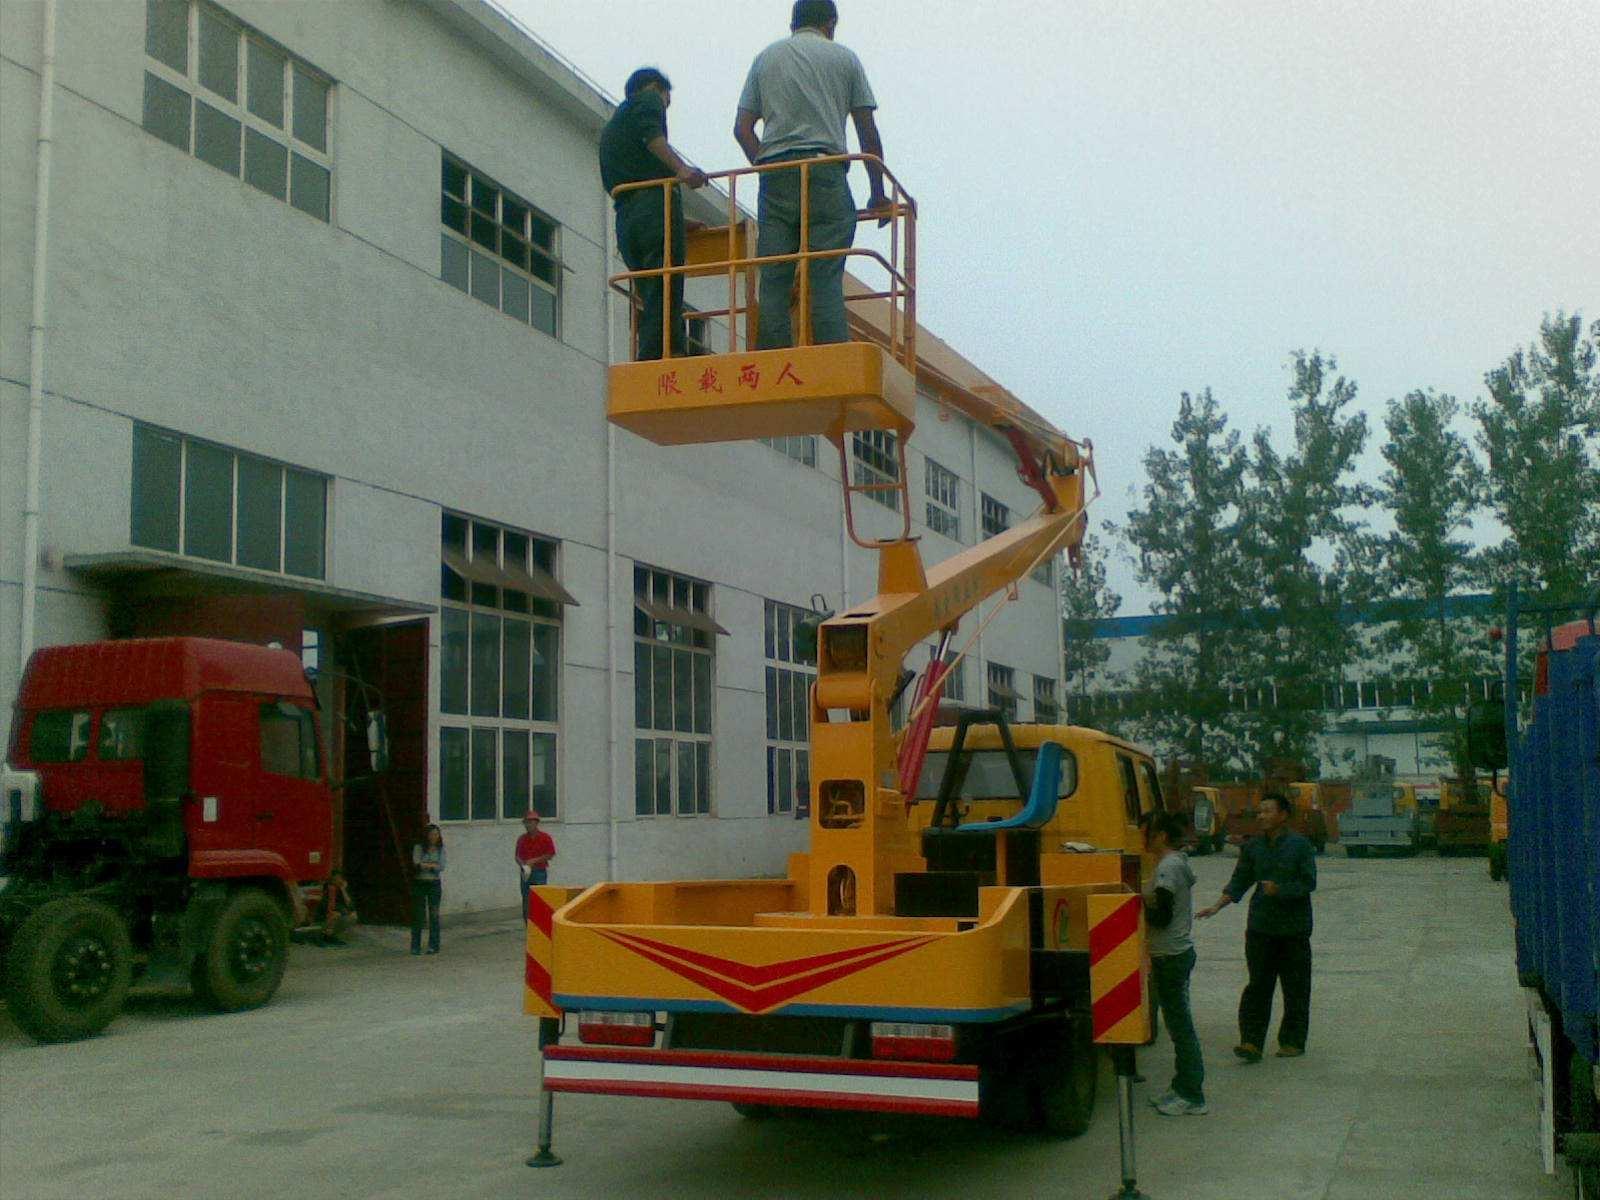 花都22米施工吊篮车租赁,款式新颖、价格超低